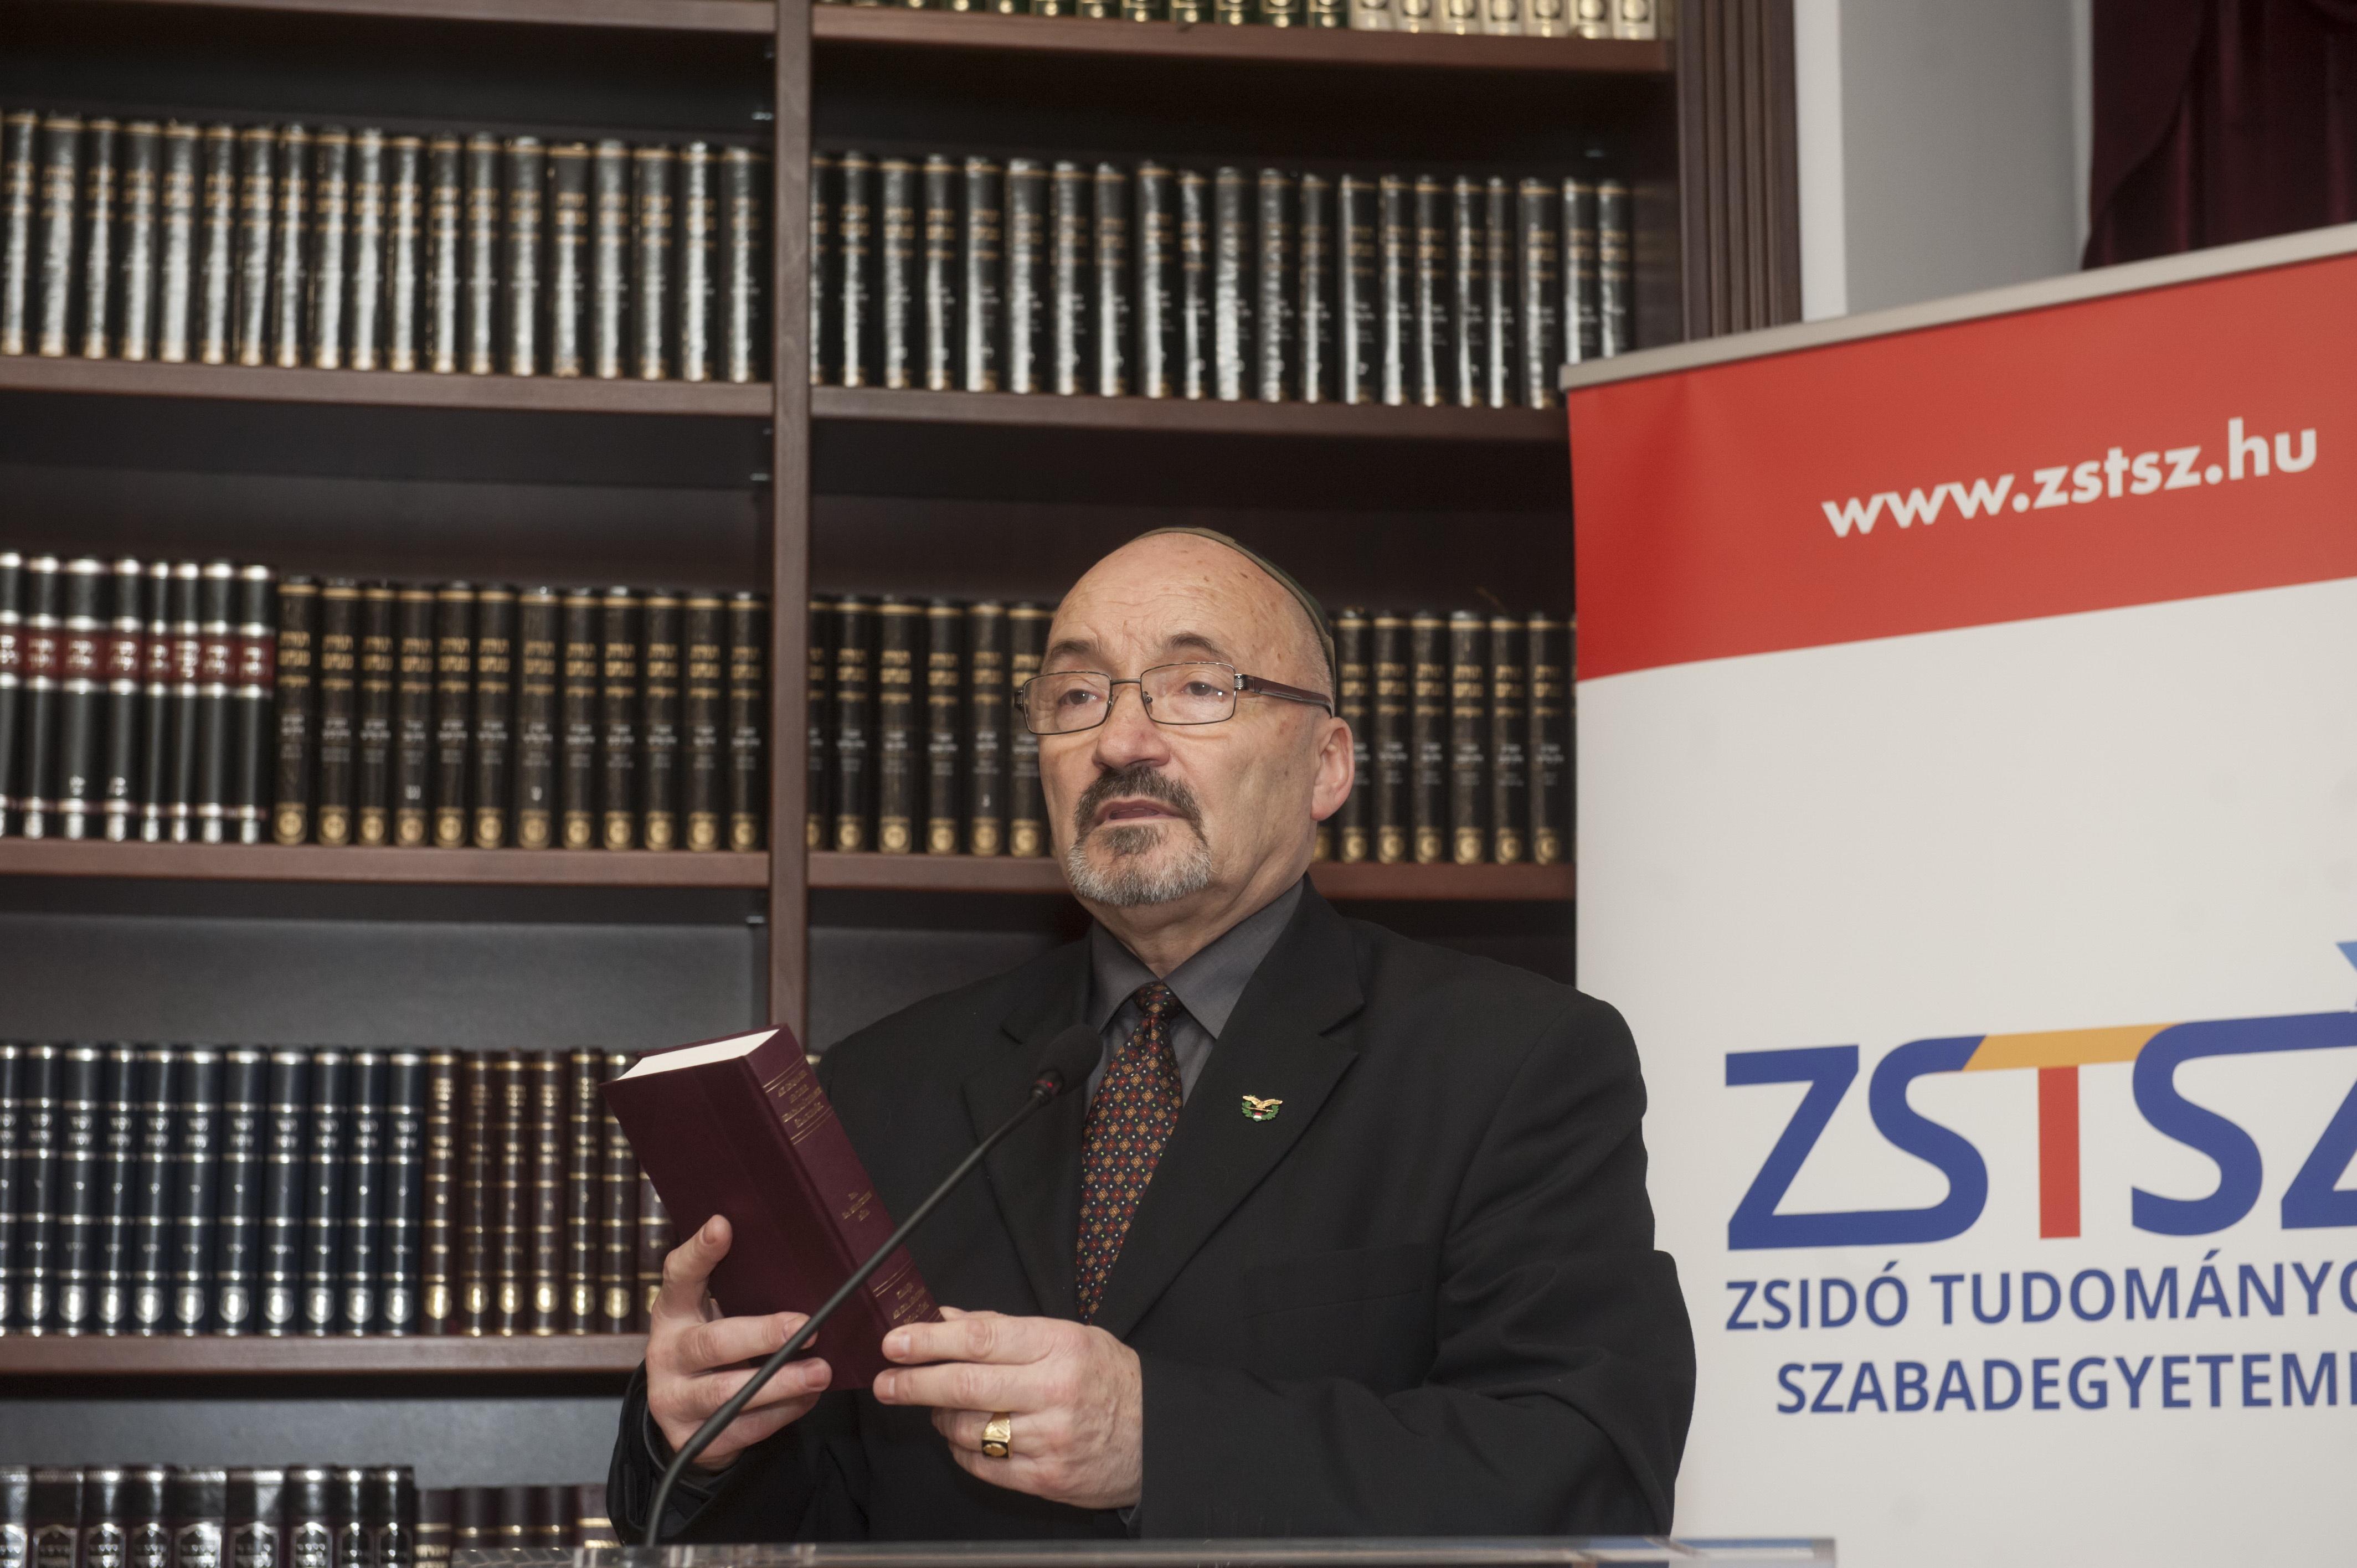 Könyvbemutató: Az 1848/49-iki magyar szabadságharcz és a zsidók. – Zsido.com